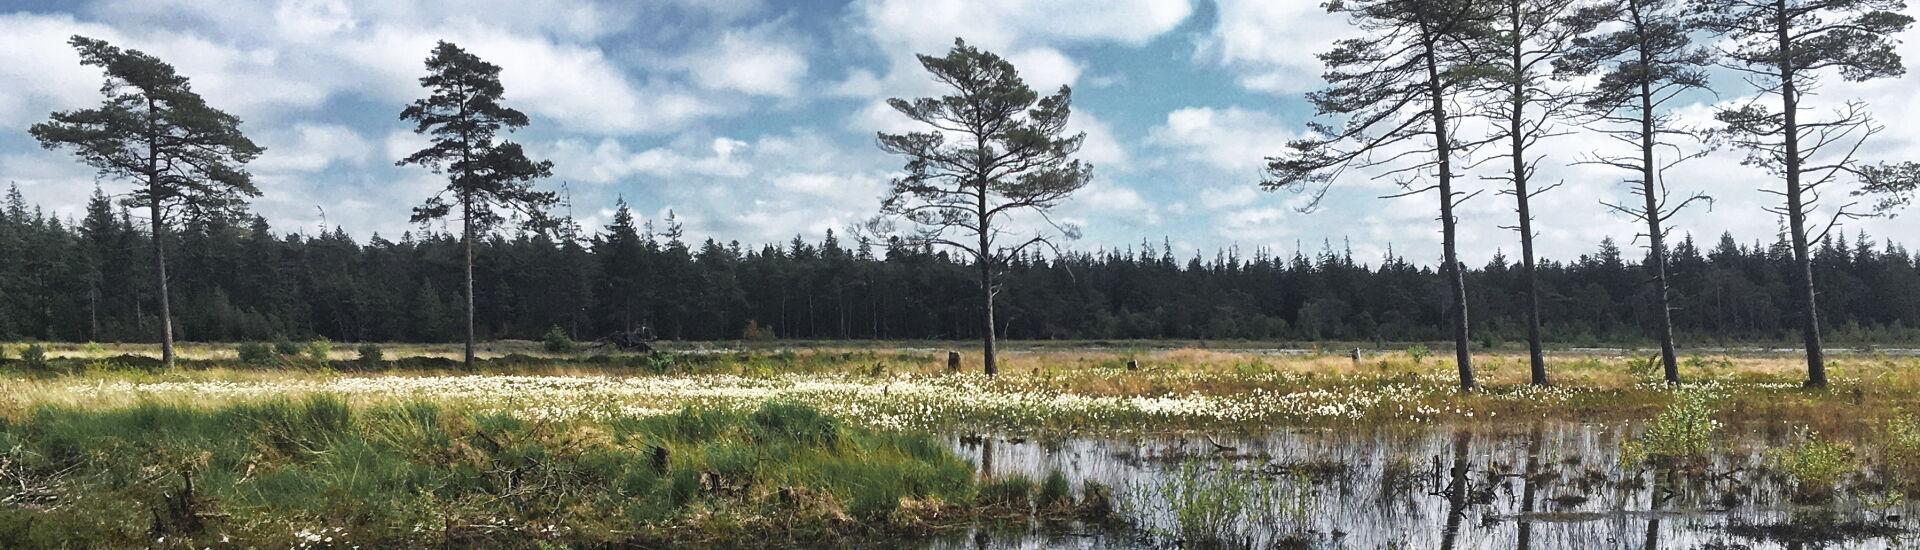 Heideweiher im Süderlügumer Forst